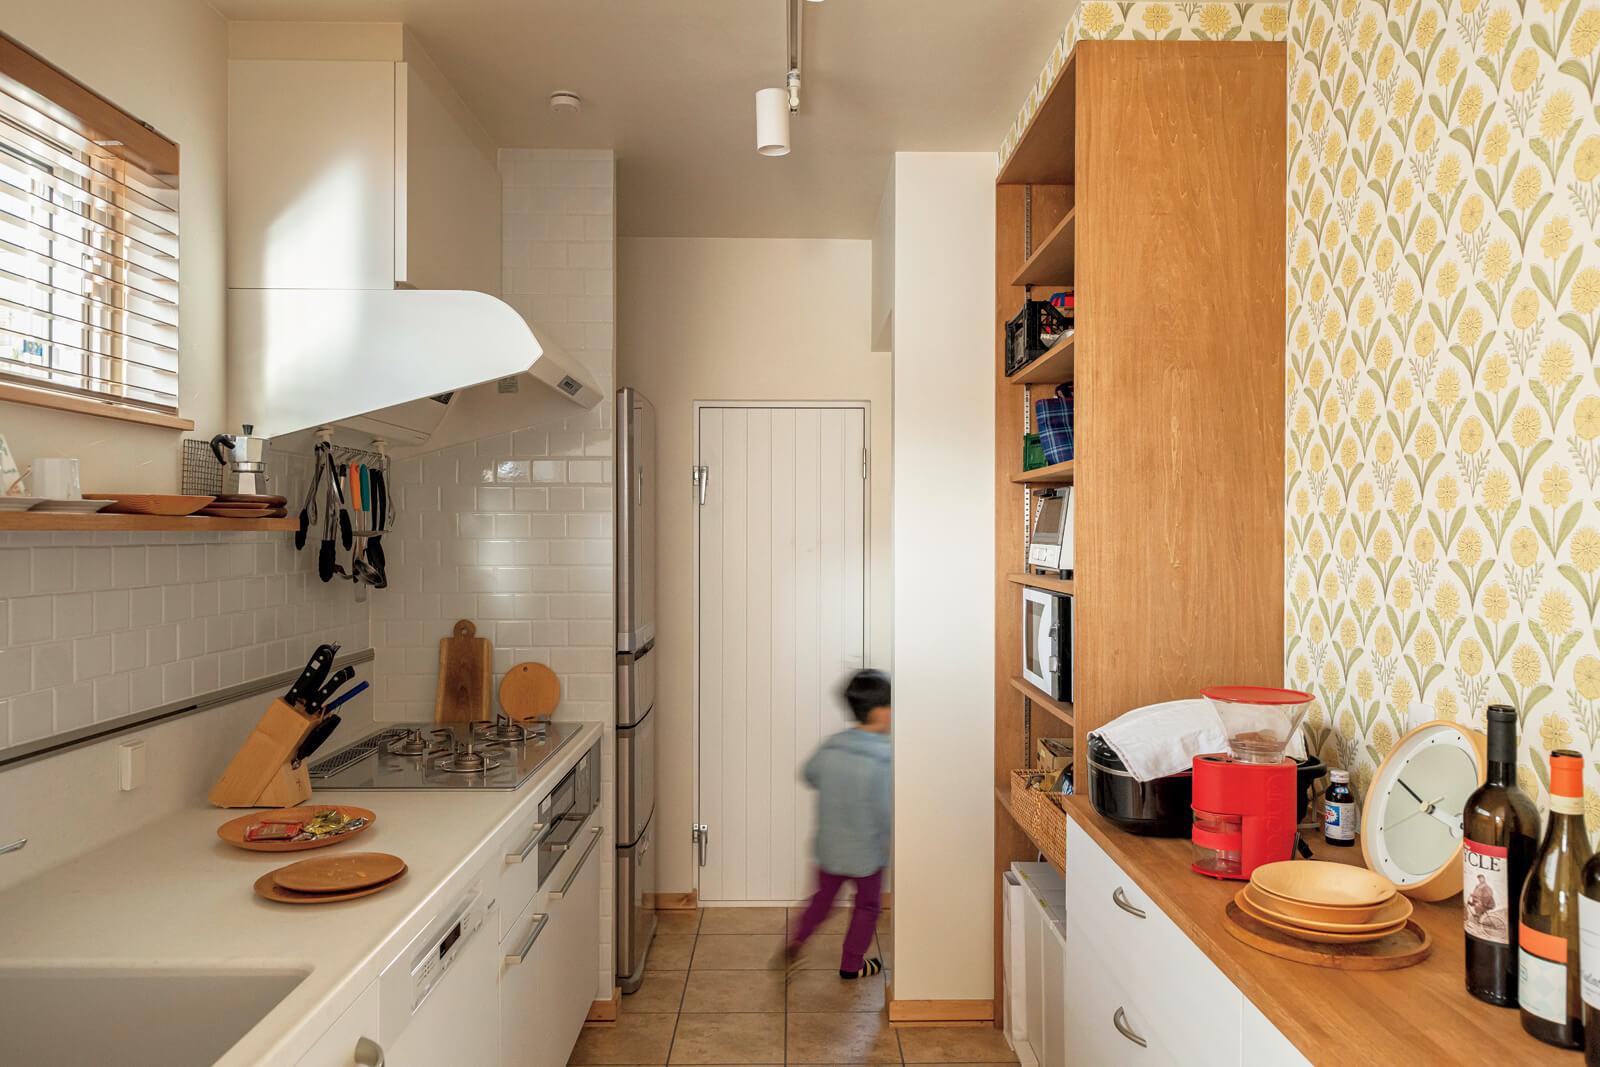 キッチンには、温度管理ができるセンサーを採用した食品庫もある。木製扉は断熱材入りの岡本建設オリジナル